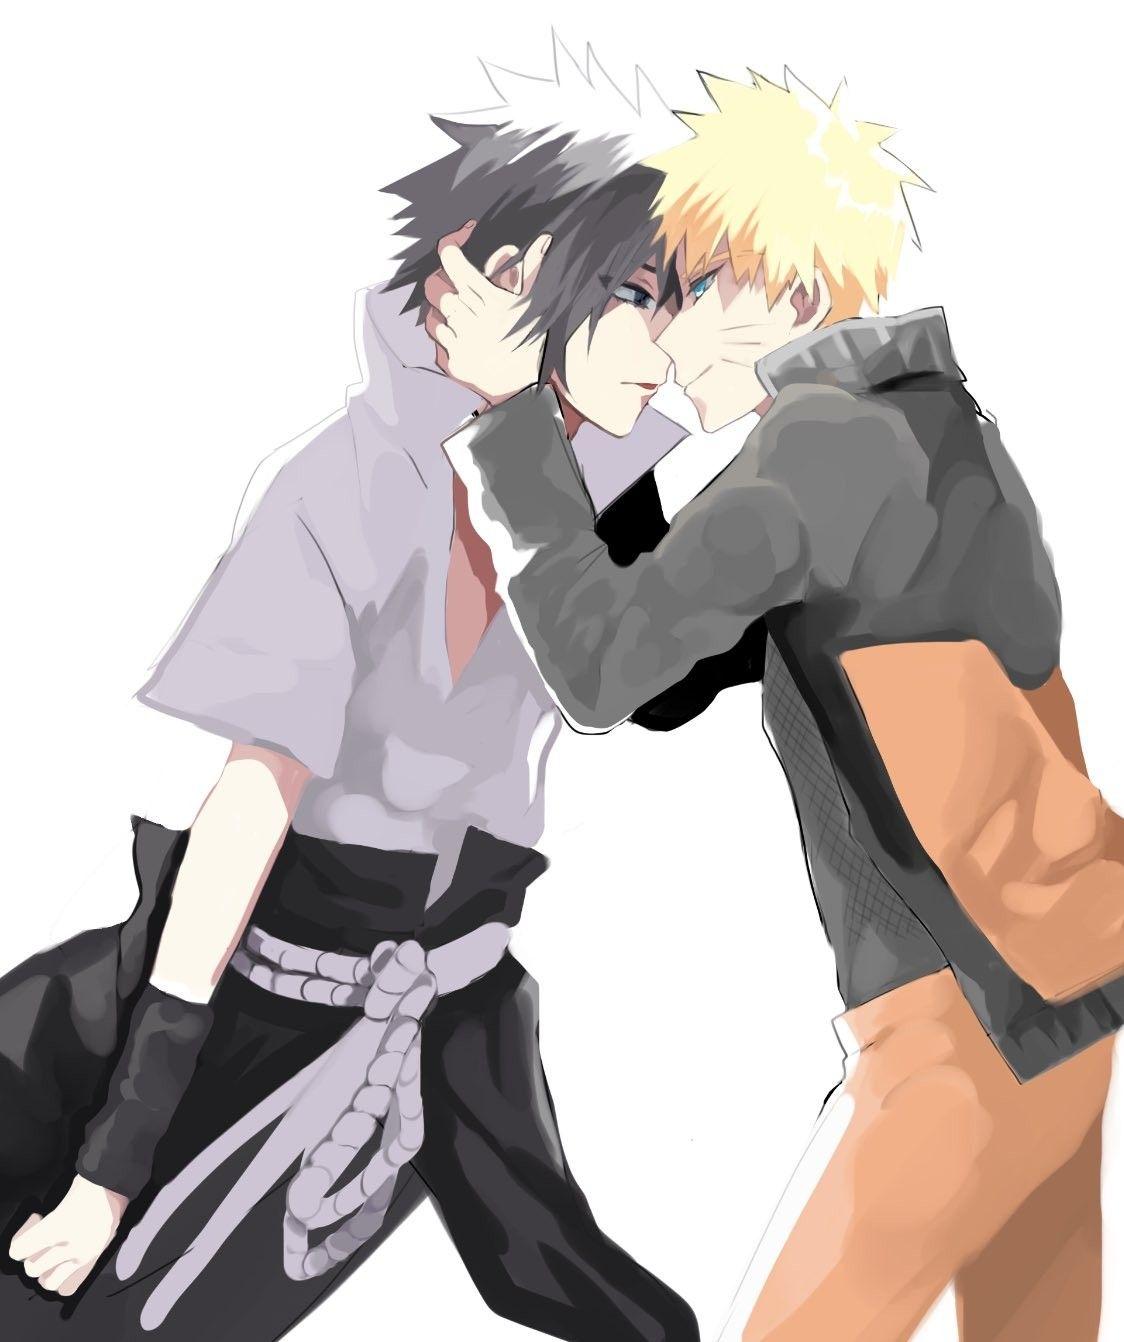 Pin de Anime Freak em NaruSasu 2 | Naruto e sasuke desenho, Naruto e sasuke,  Personagens naruto shippuden